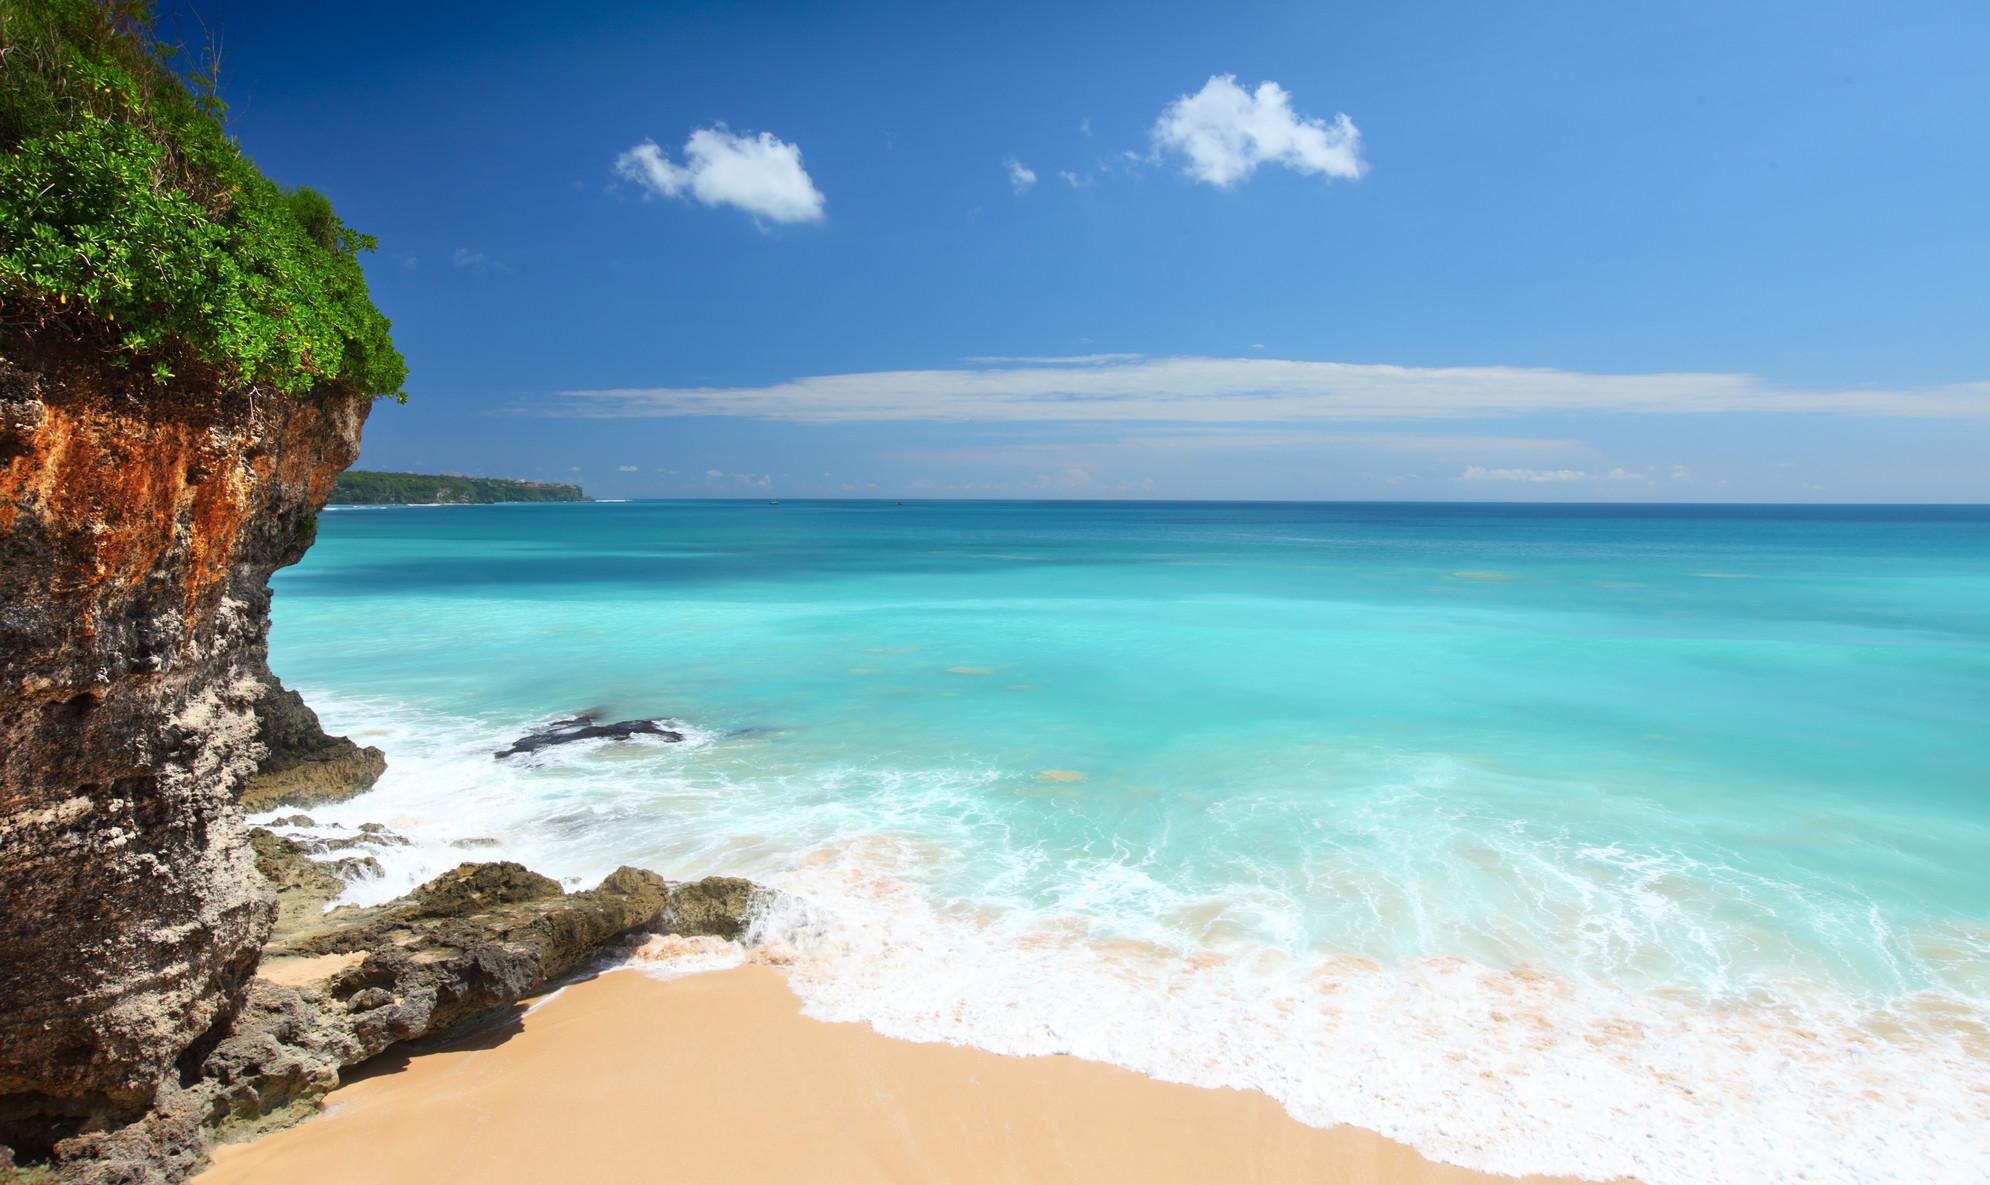 Sky Scanner 9 Tage Luxus Auf Bali Im Guten 5 Hotel Nur 194